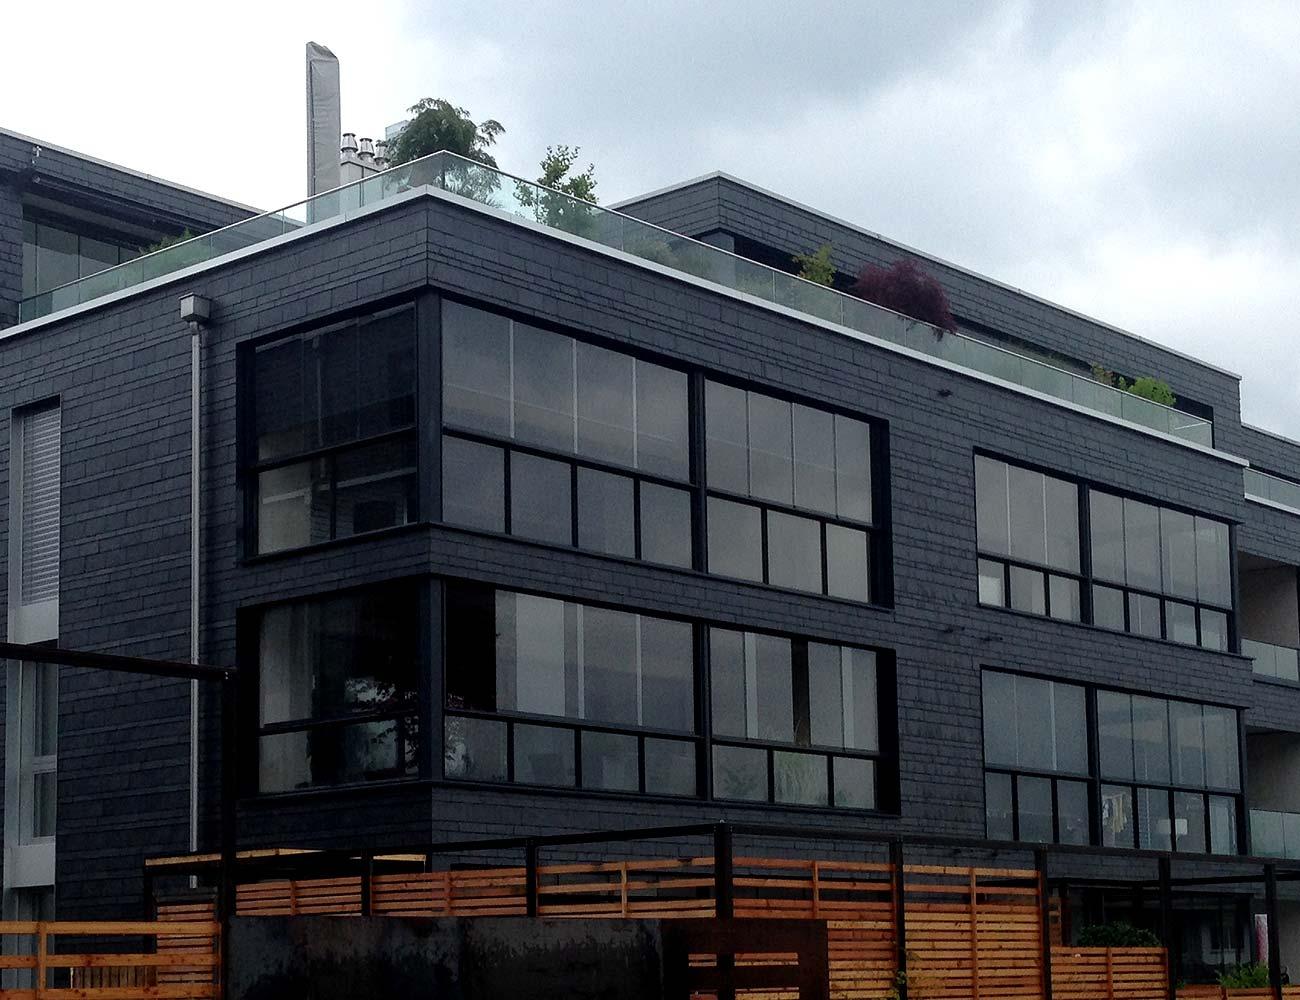 ebiasi-sitzplatzverglasung-balkonverglasung-3